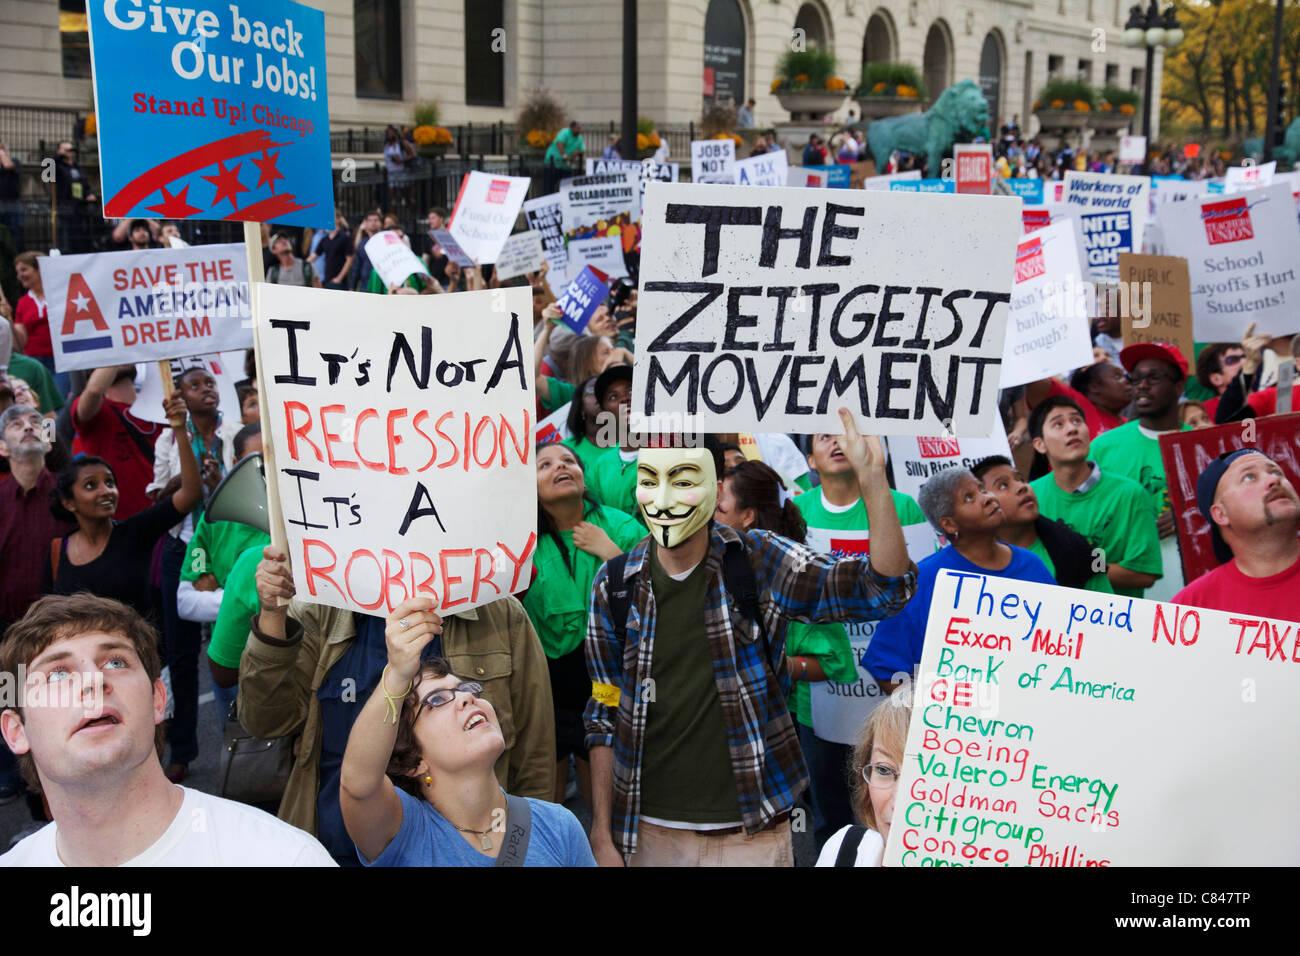 Manifestanti marciano su Michigan Avenue, indossa una maschera di Guy Fawkes. Occupare la protesta di Chicago. Immagini Stock